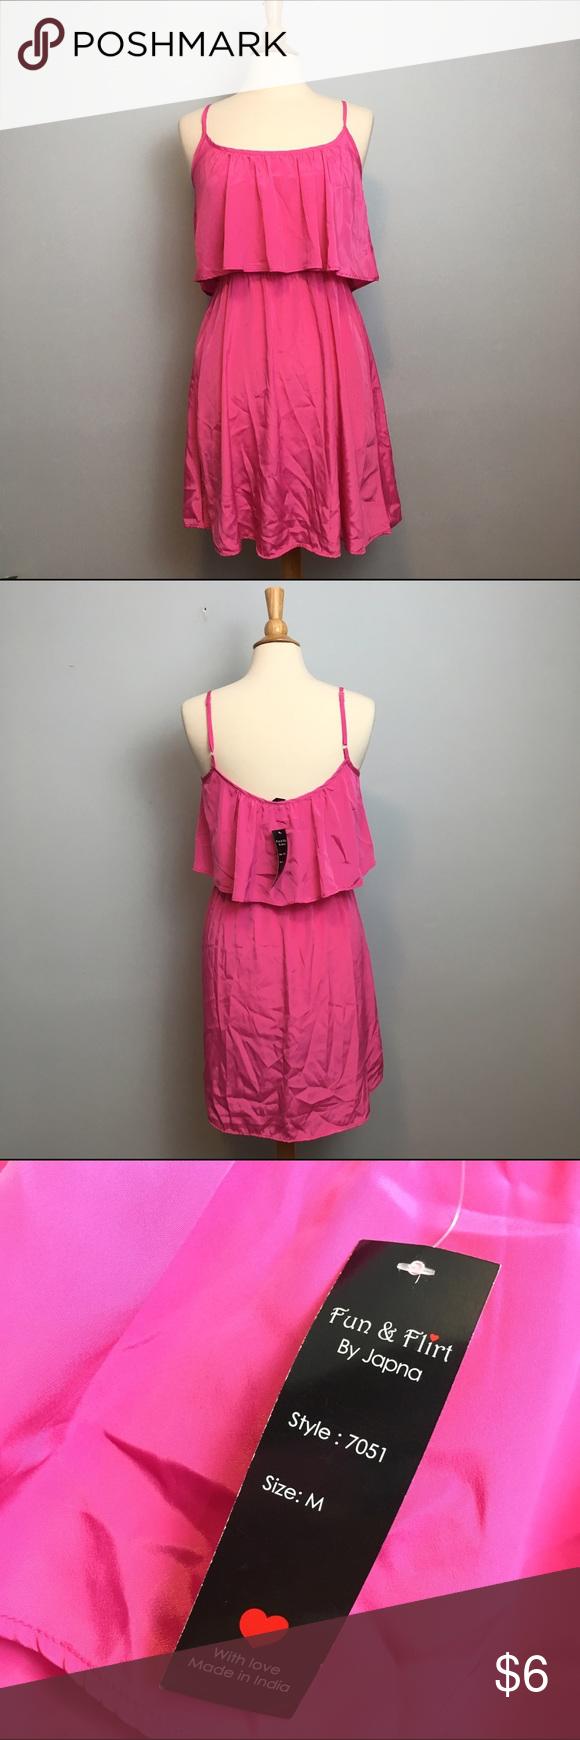 Hot pink color dress  Fun u Flirt Hot Pink Sundress  Flirting Hot pink and Minis